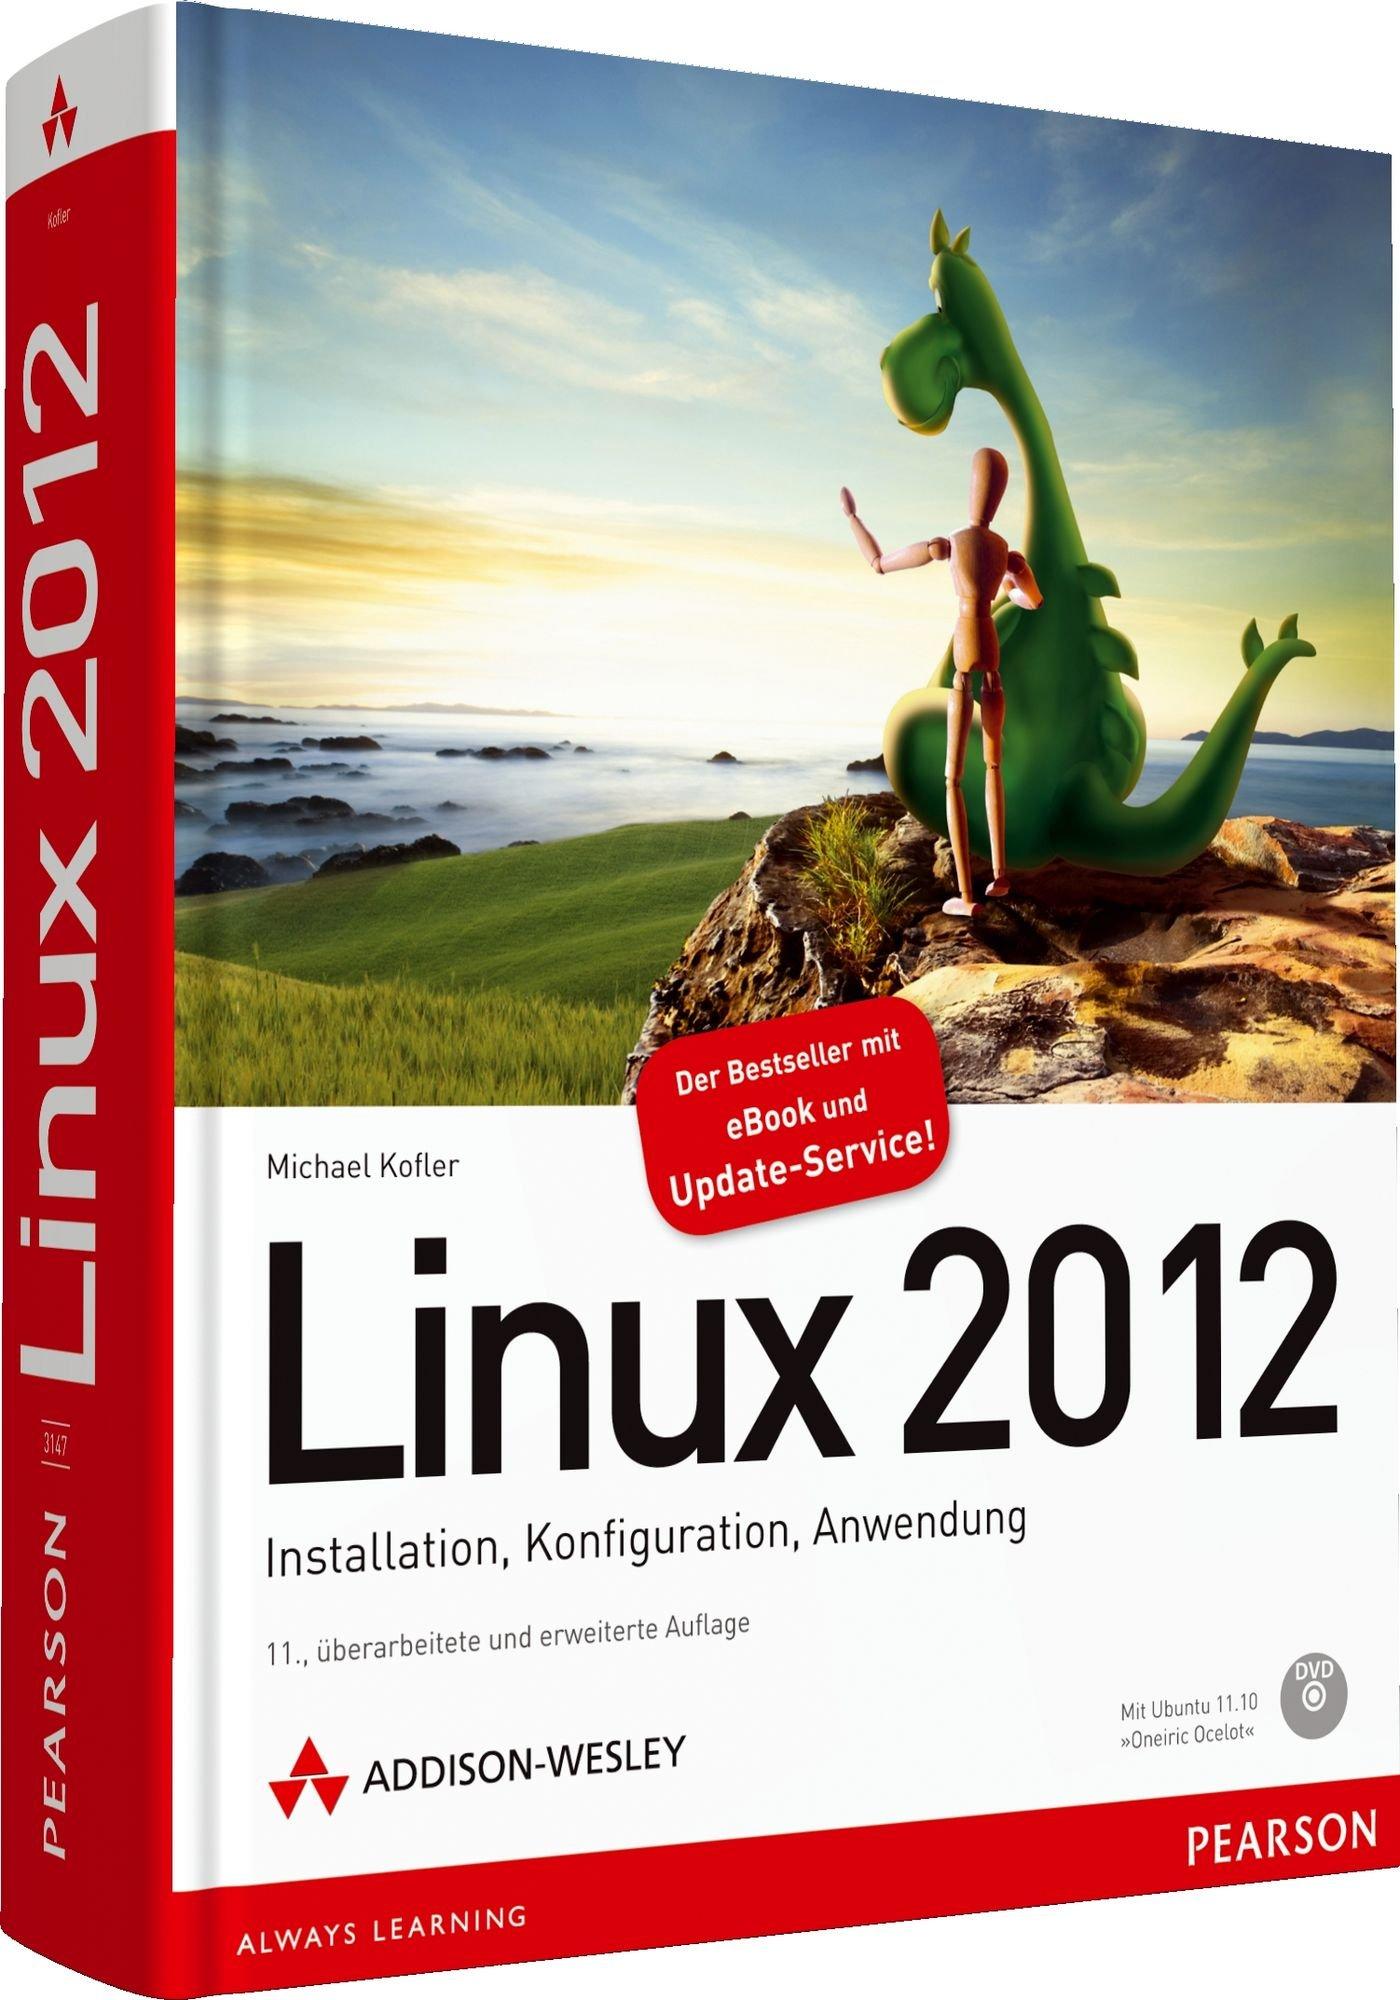 Ebook kofler linux 2013